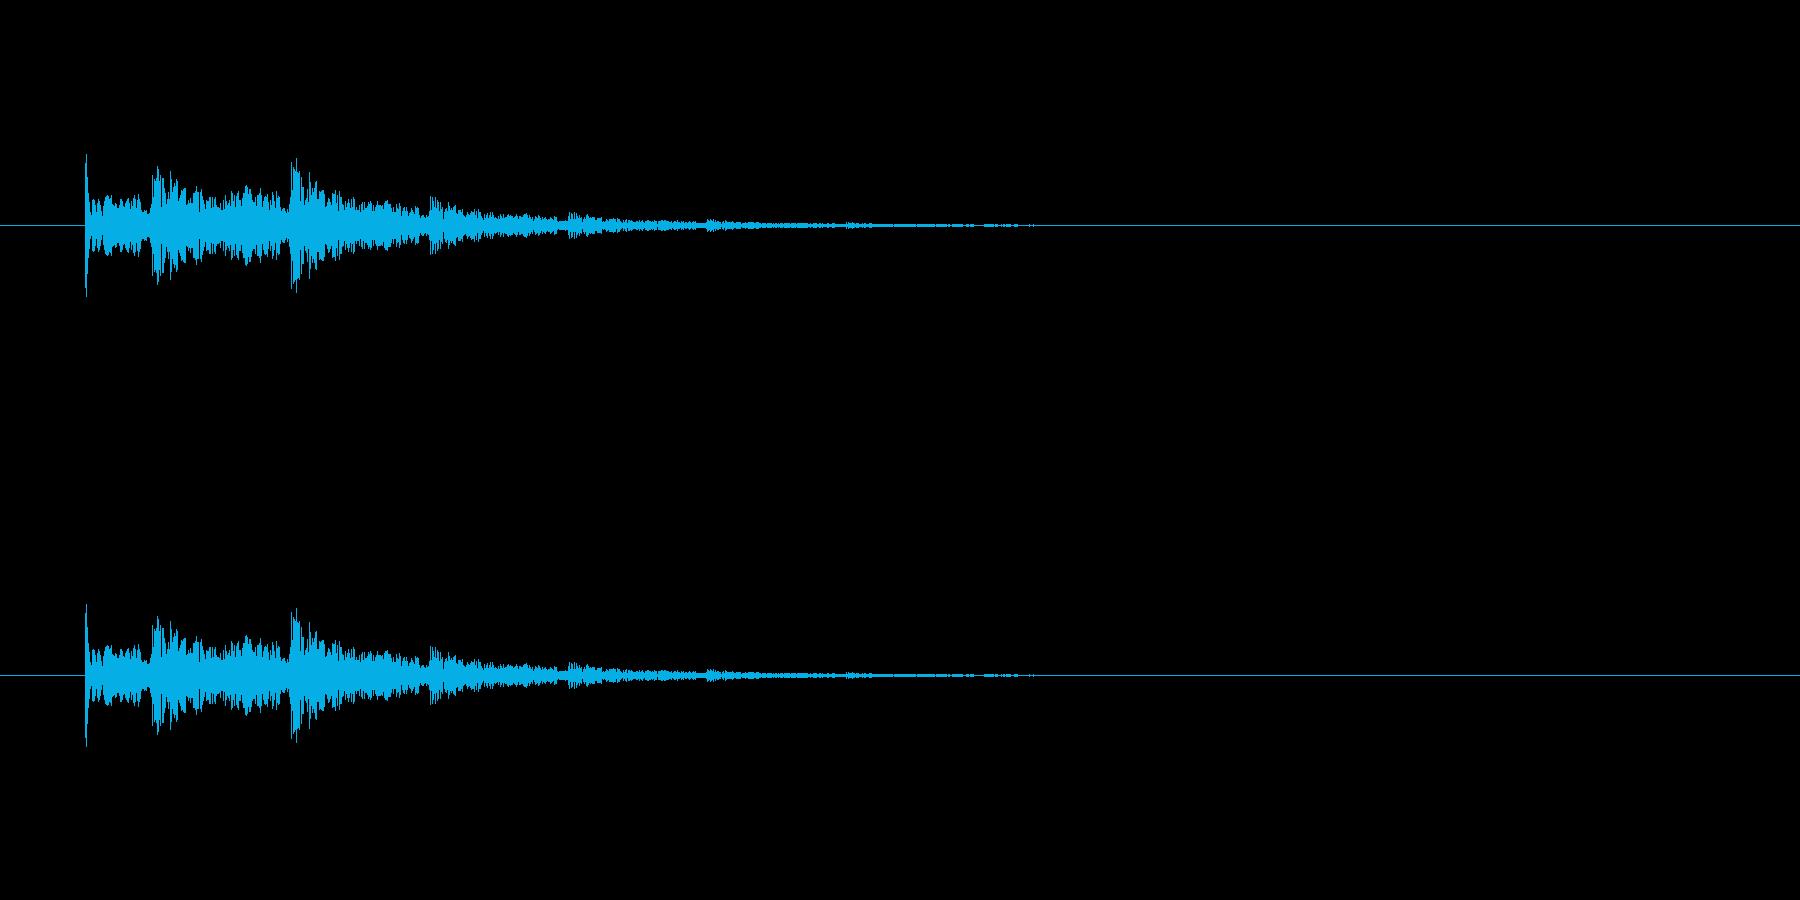 【アクセント33-3】の再生済みの波形